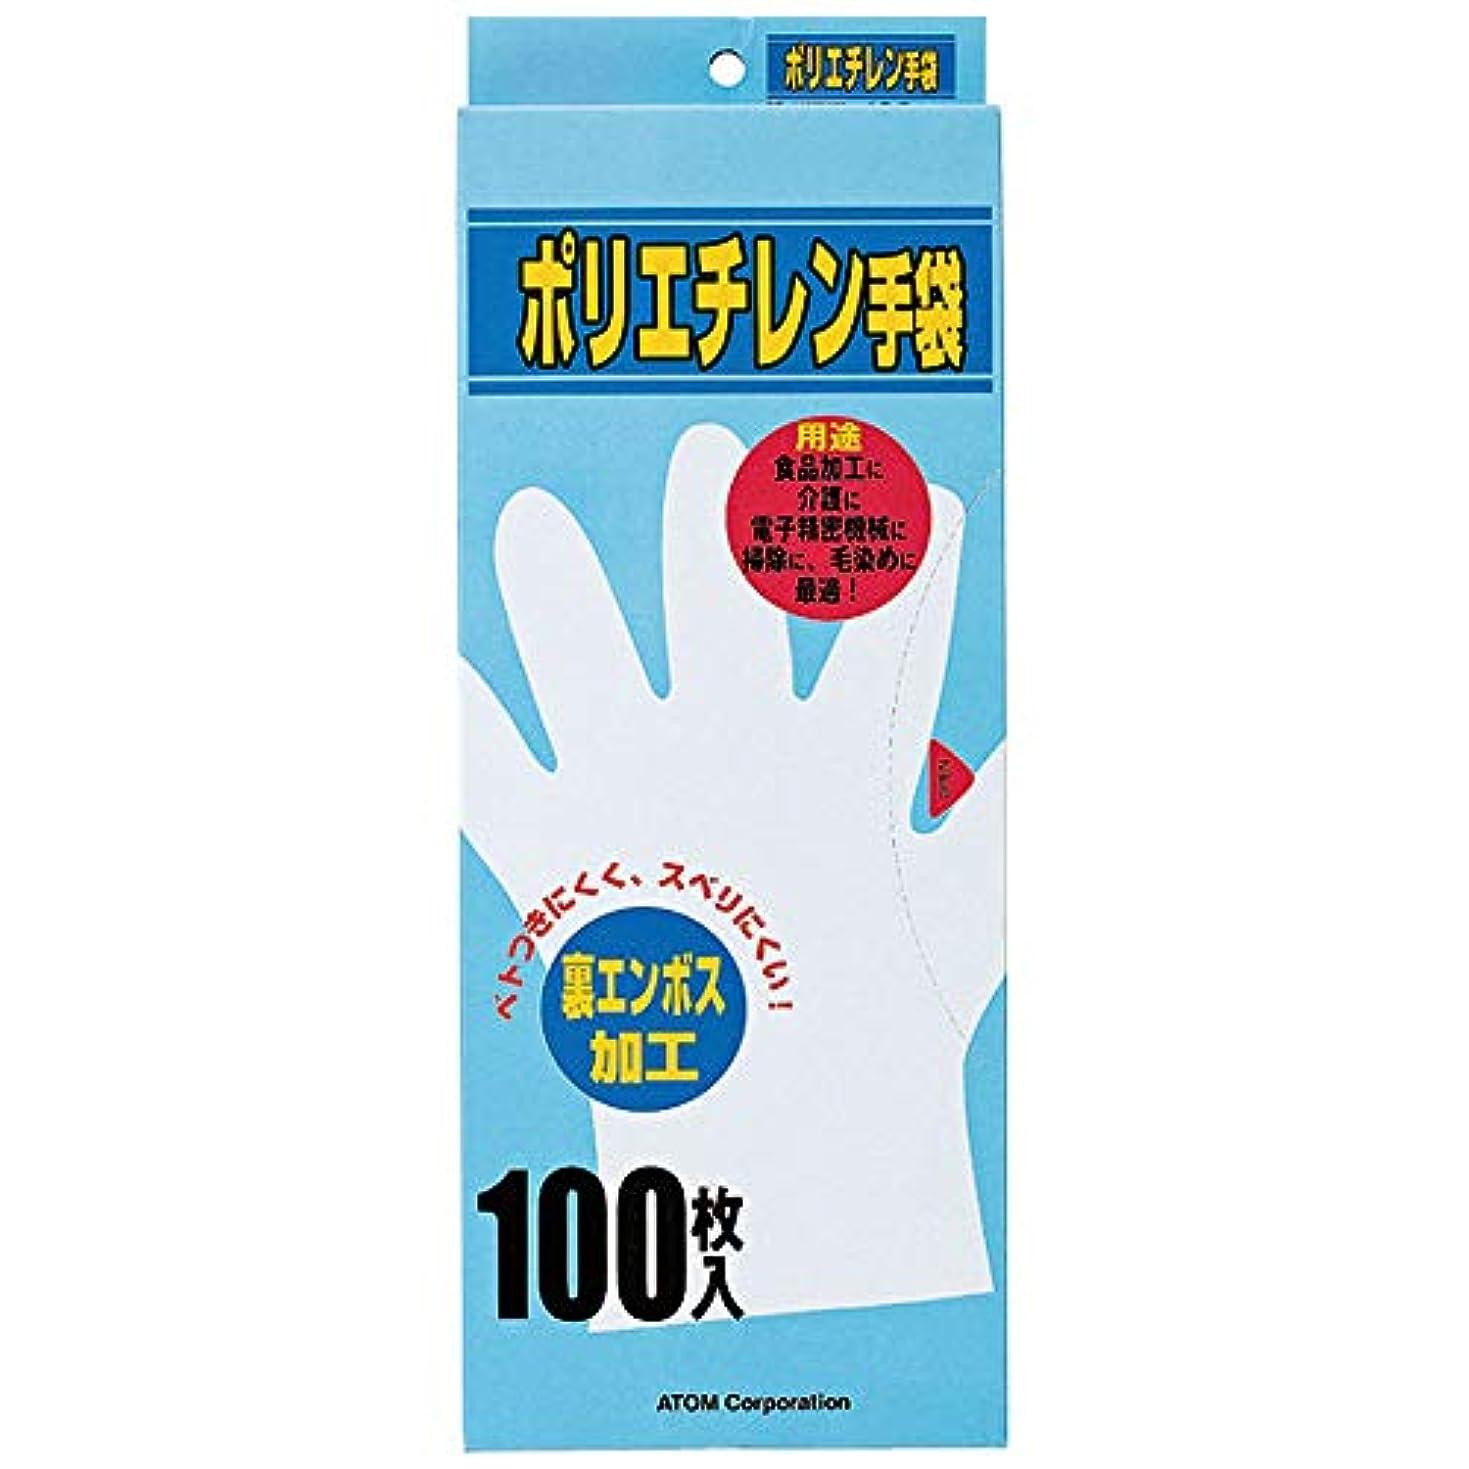 盗賊スパイ軍艦アトム ポリエチレン手袋 1720-100-M 5箱(500枚)